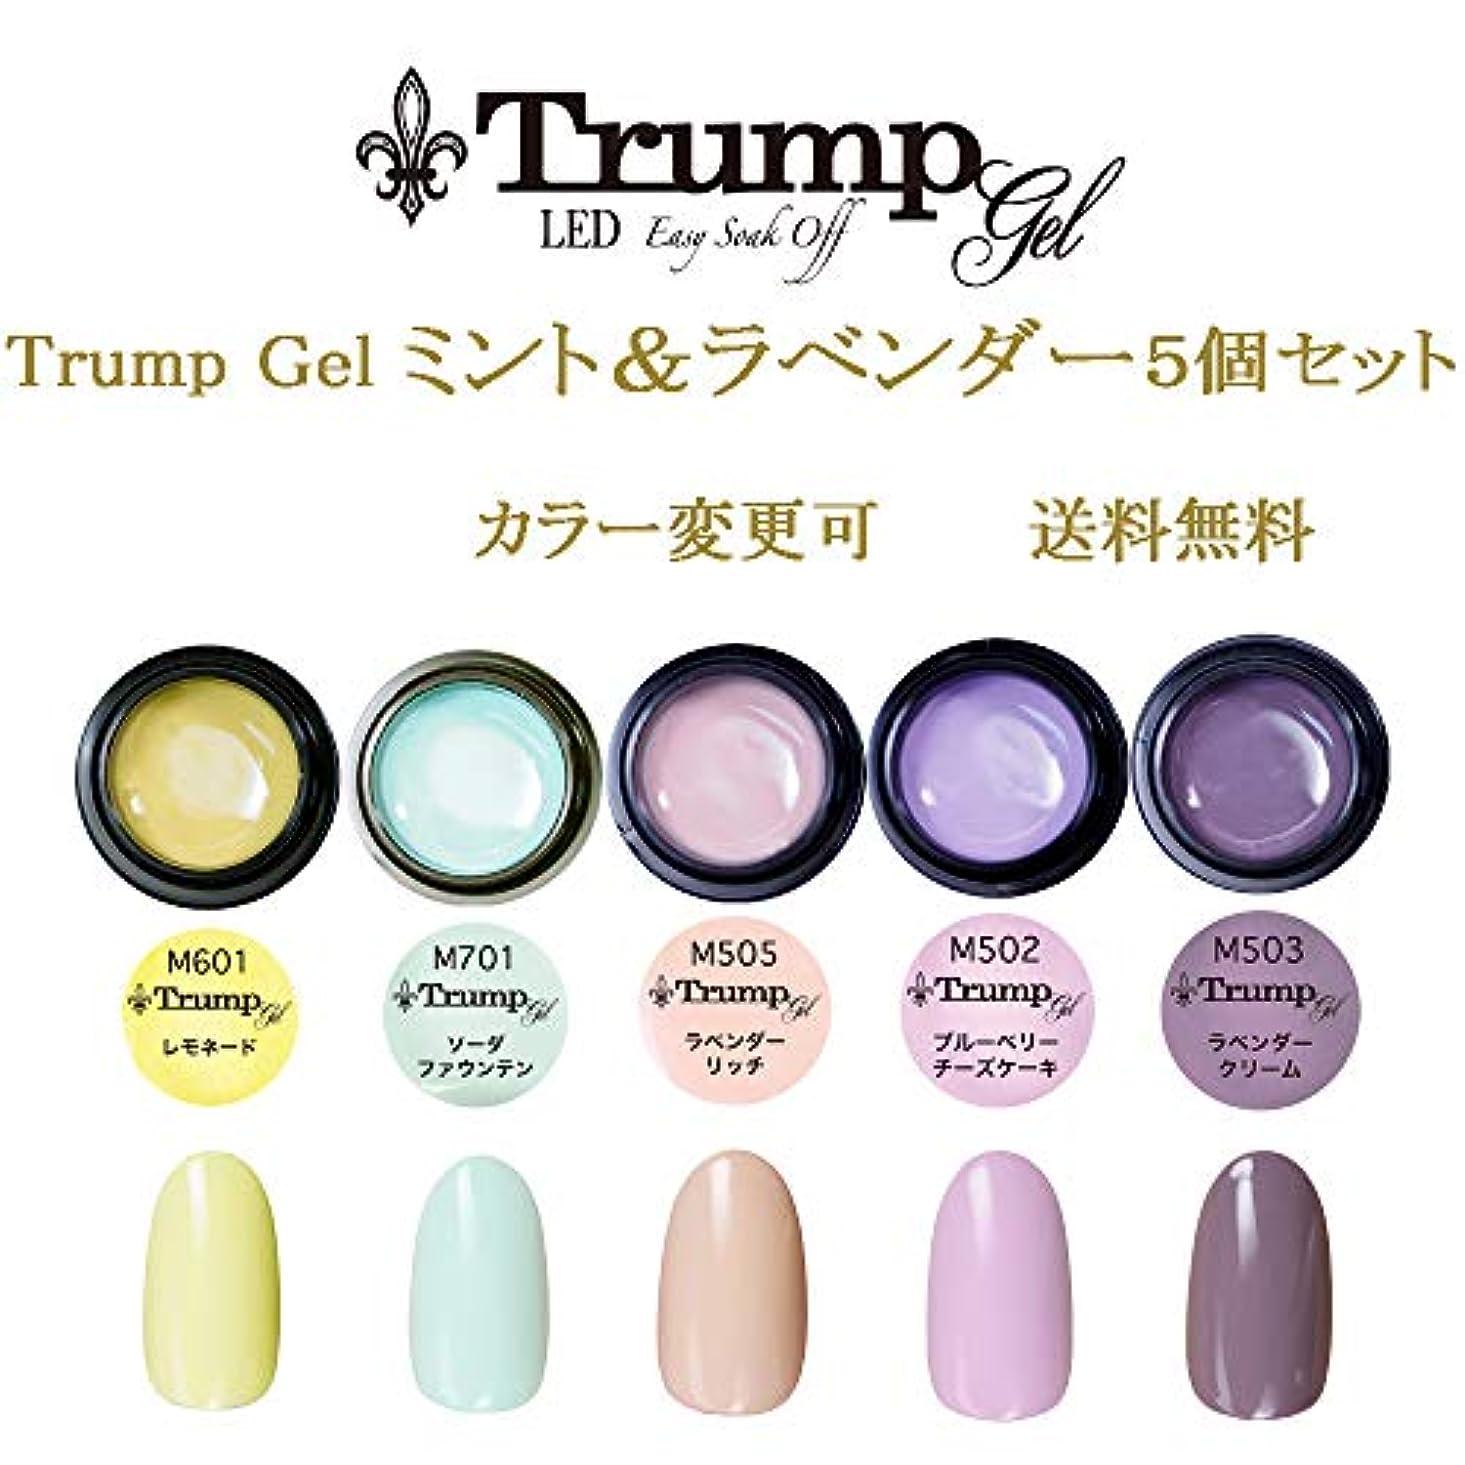 ほうき要塞腹【送料無料】日本製 Trump gel トランプジェル ミント&ラベンダー 選べる カラージェル 5個セット ラベンダー ベージュ ミントカラー